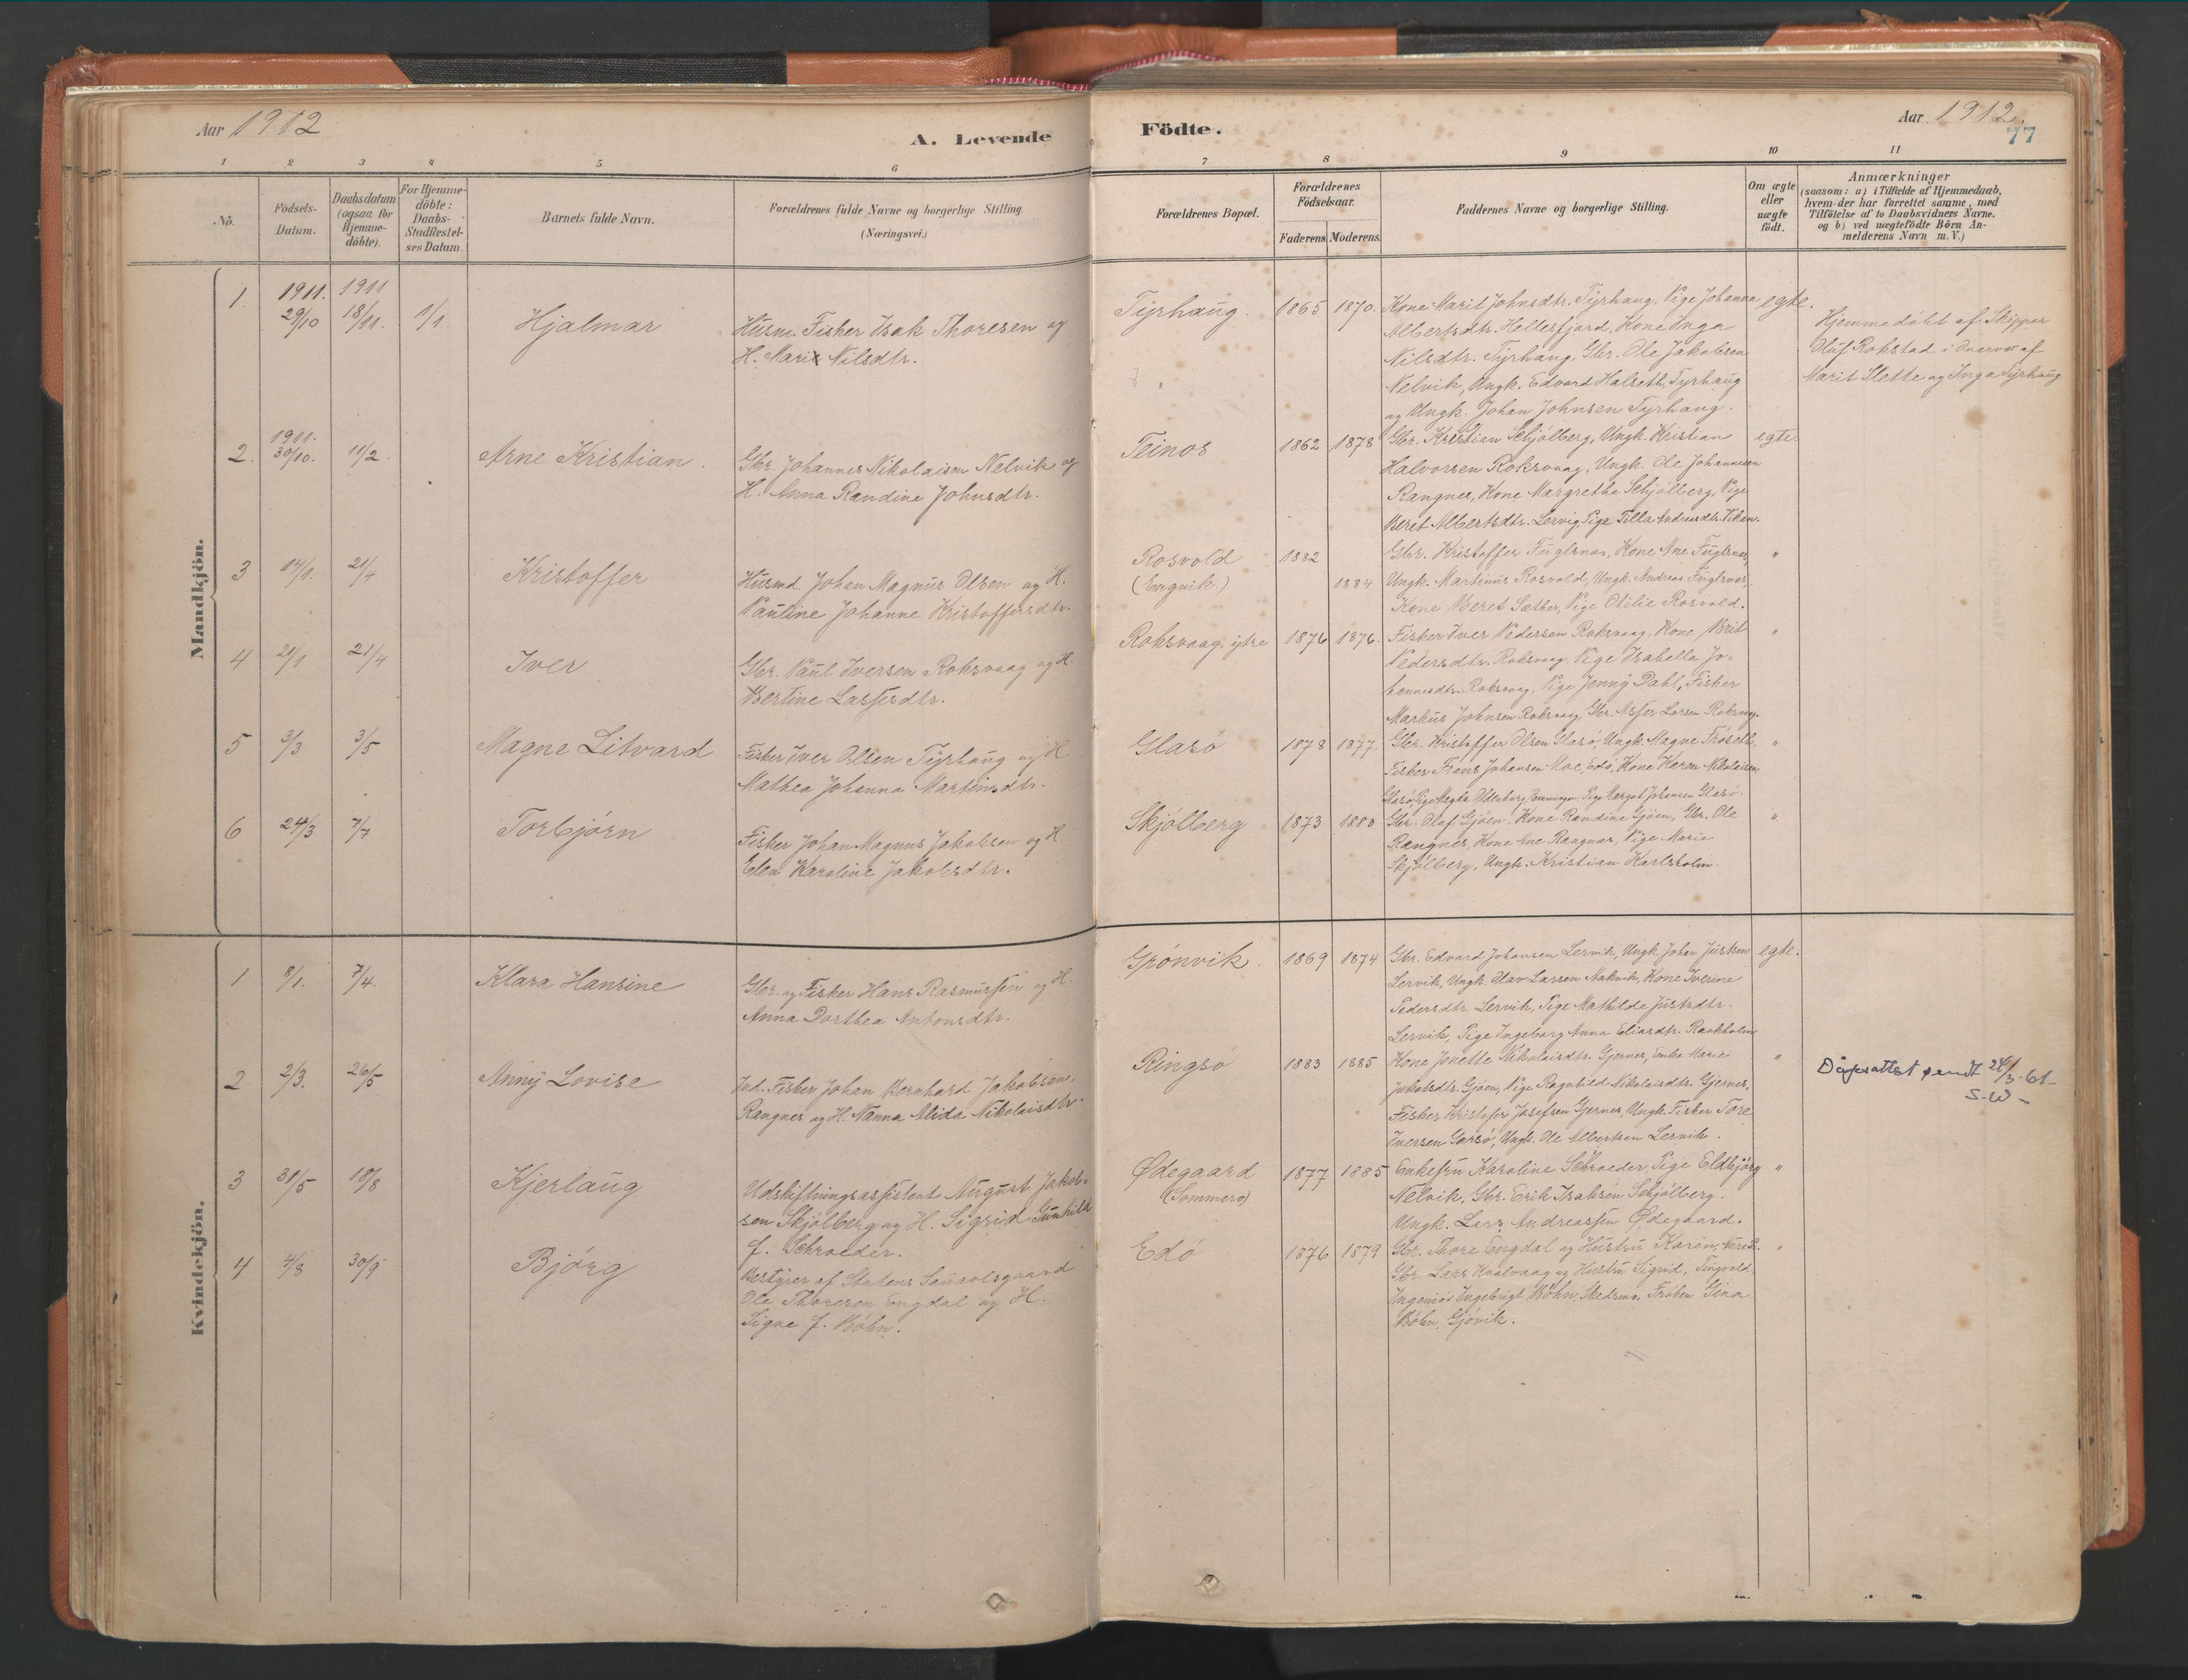 SAT, Ministerialprotokoller, klokkerbøker og fødselsregistre - Møre og Romsdal, 581/L0941: Ministerialbok nr. 581A09, 1880-1919, s. 77